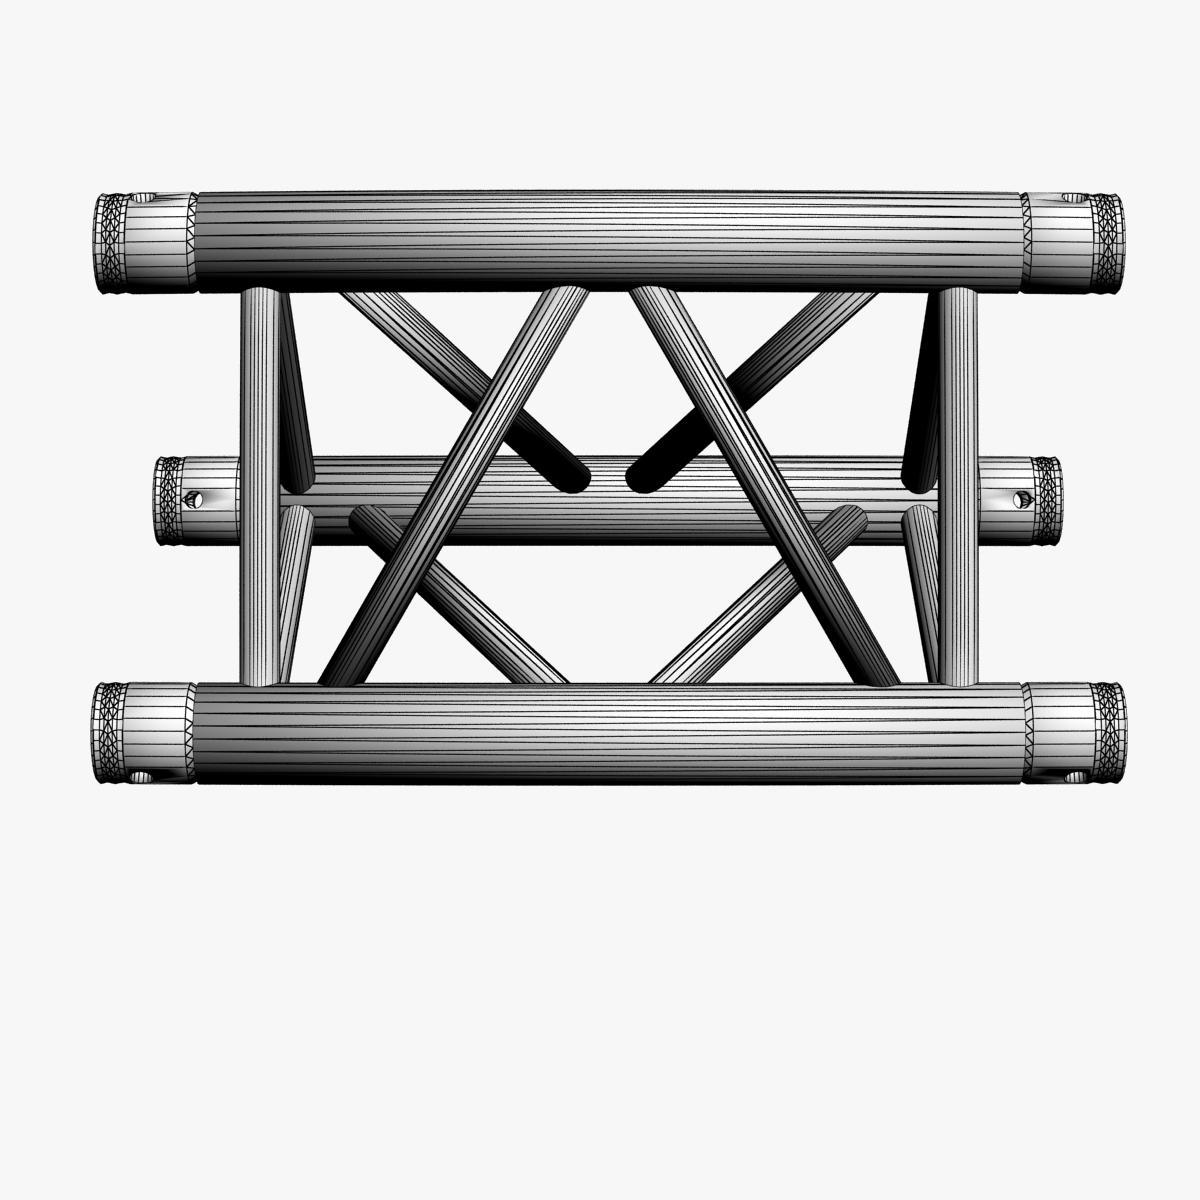 Triangular Truss Straight Segment 71 3d model 3ds max dxf fbx b3d c4d  obj 268964